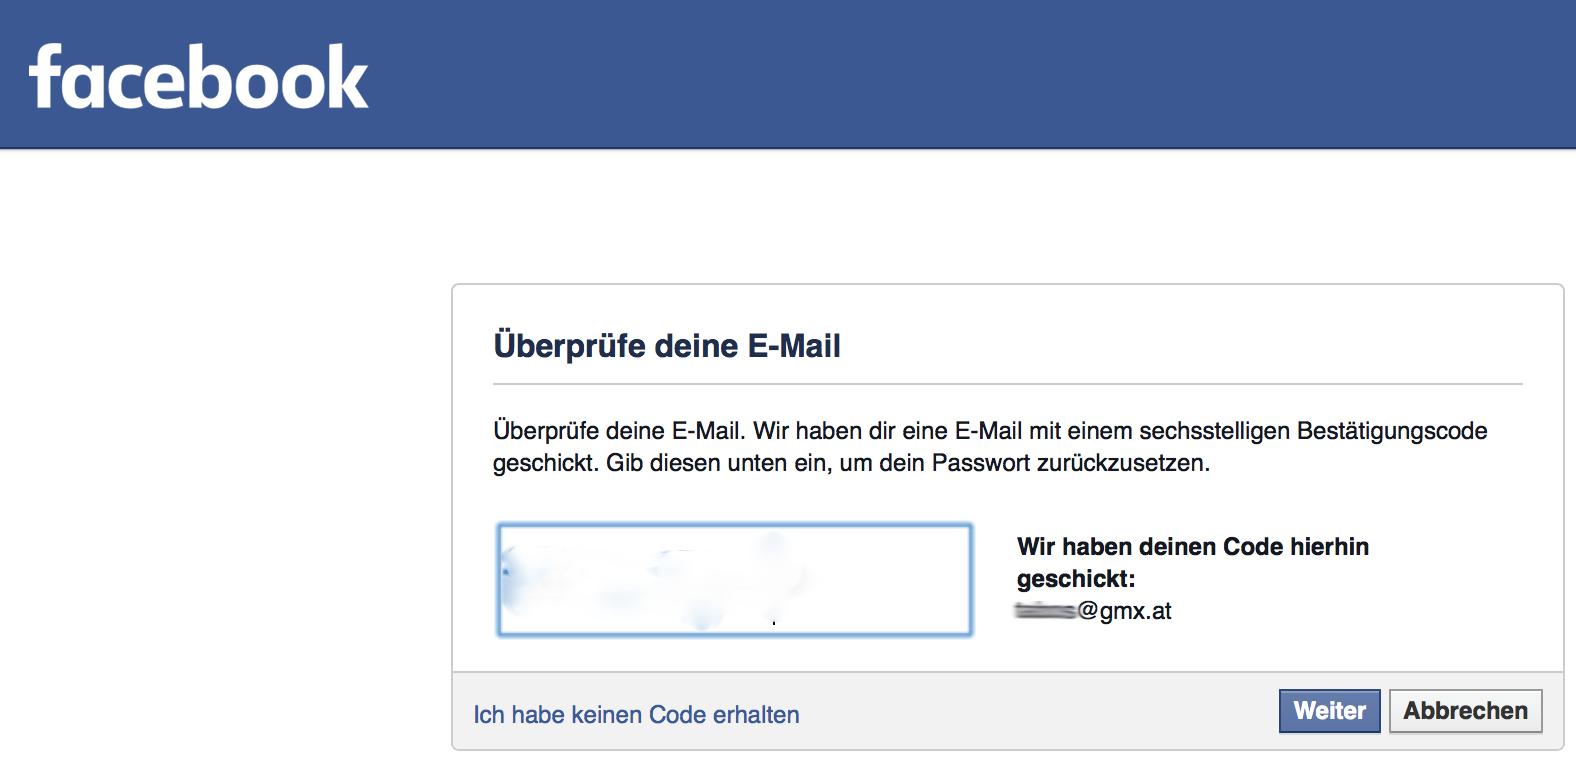 Facebook PaГџwort VergeГџen Keine E Mail